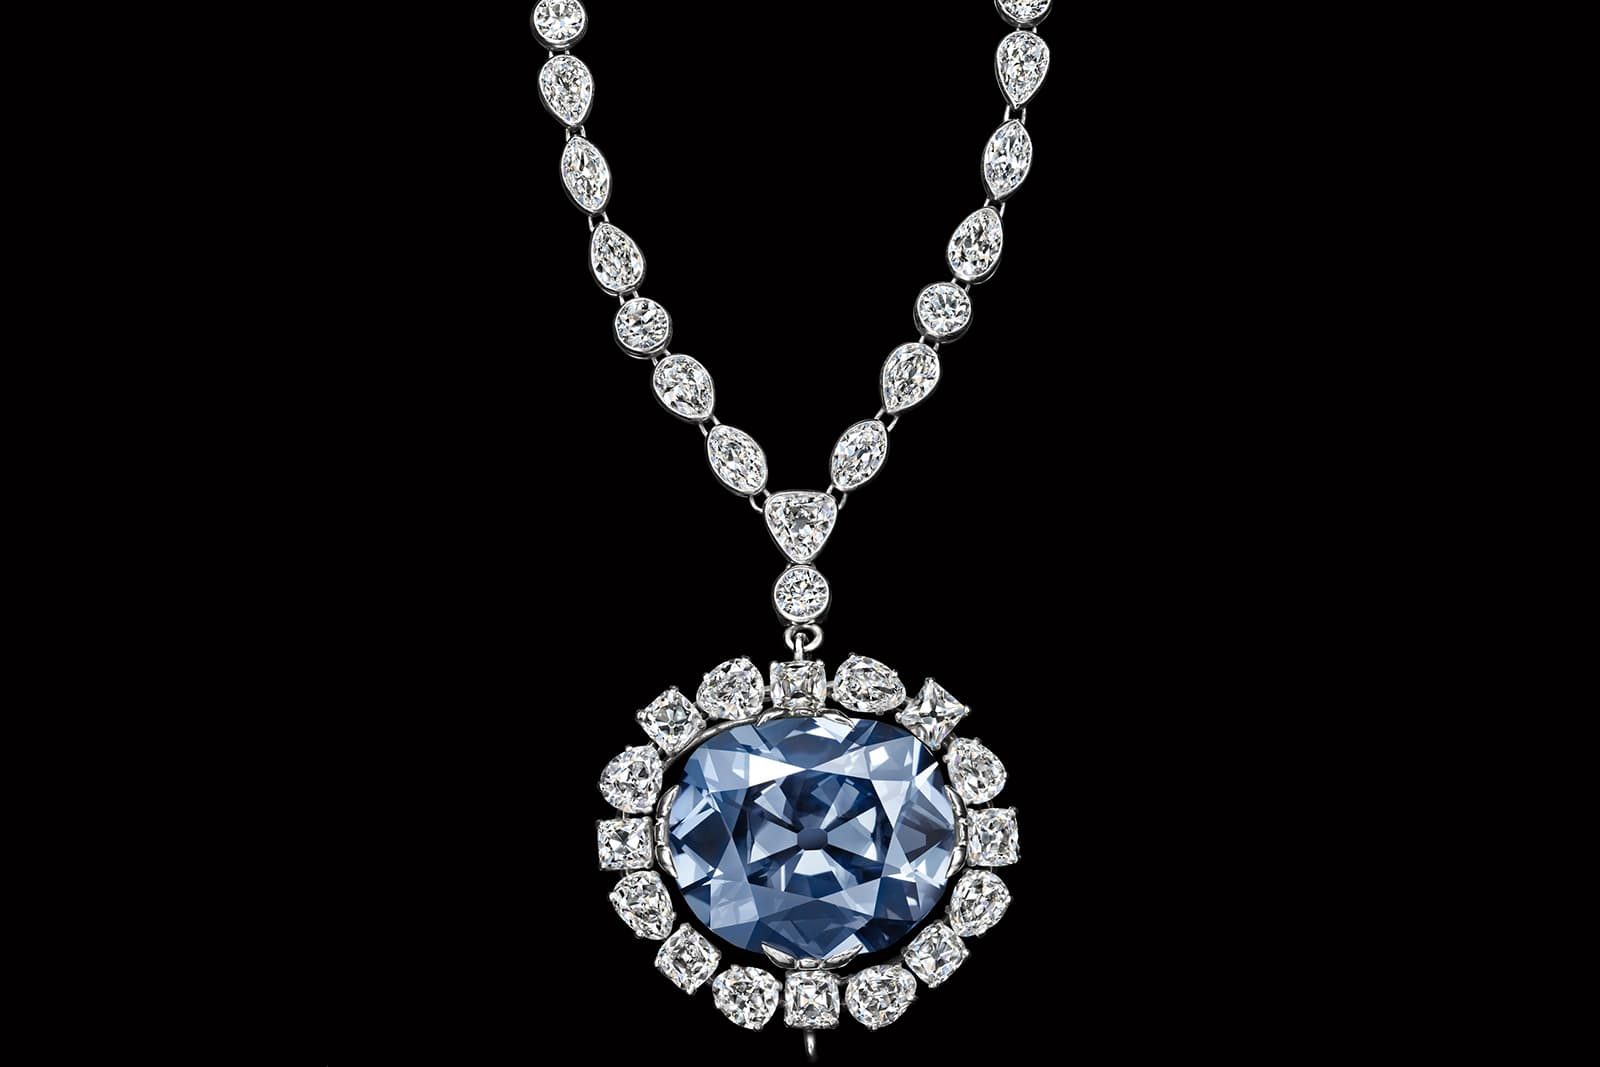 Колье с синим бриллиантом Hope («Надежда») 45.52ct